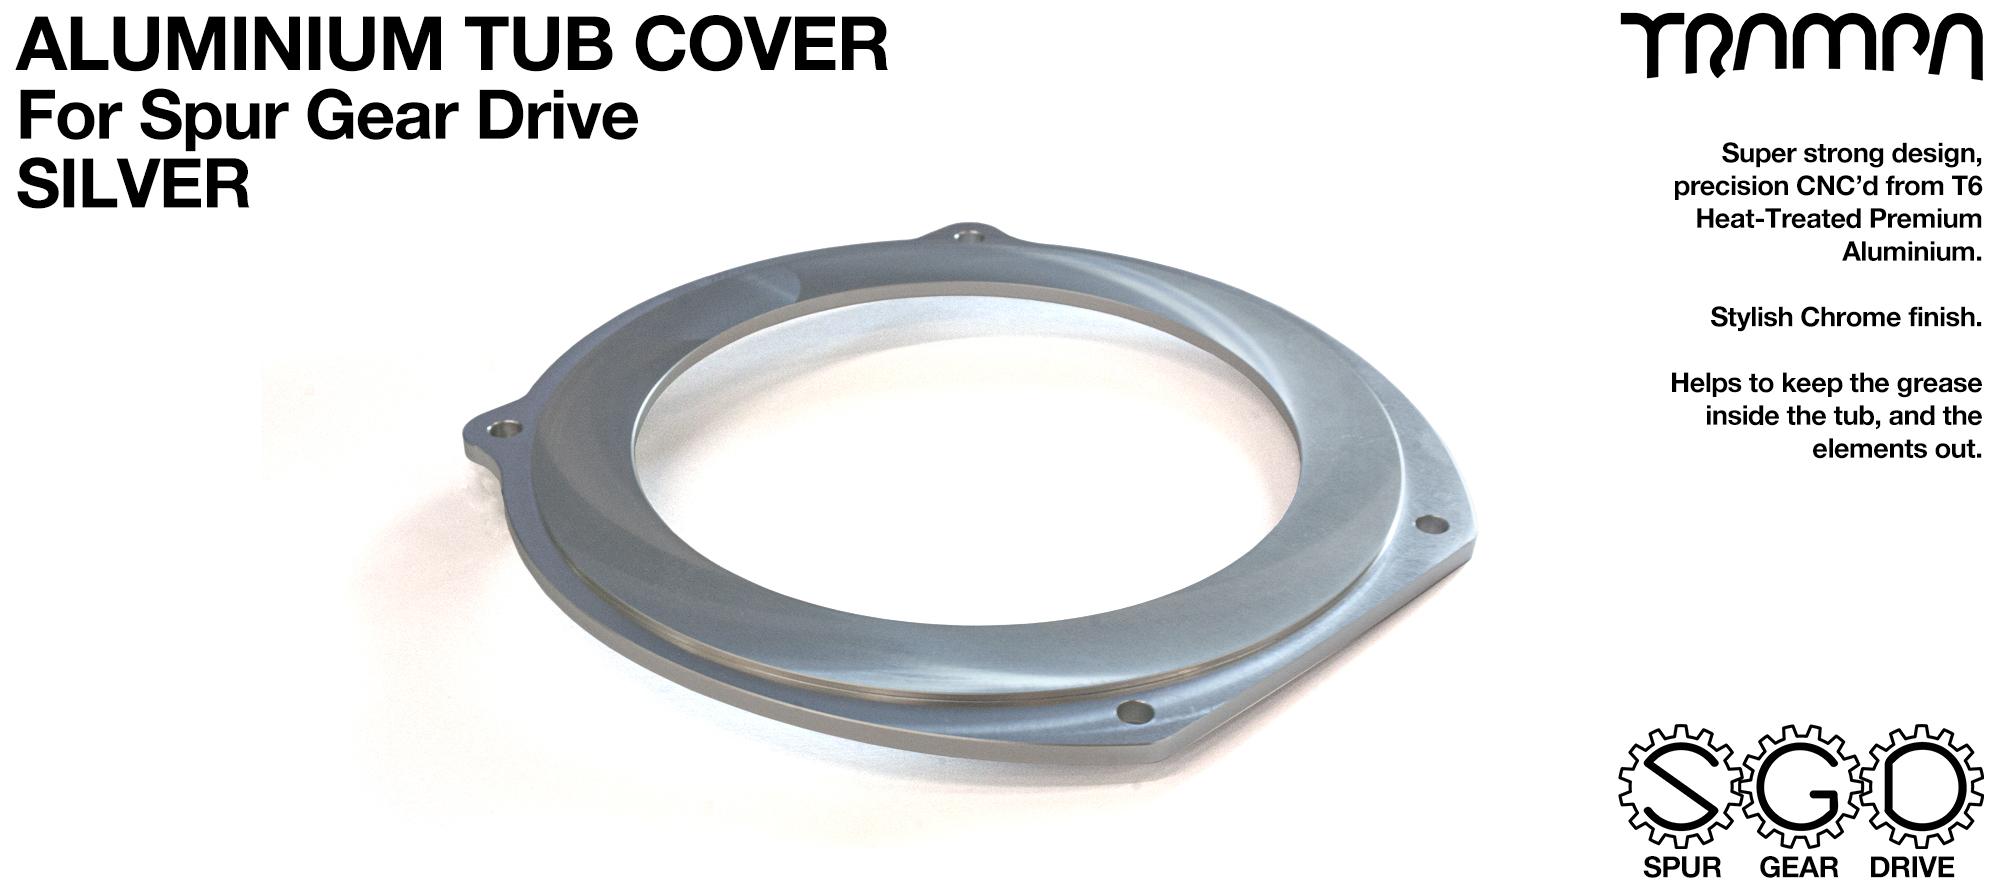 Spur Gear Drive - Aluminium Tub Cover